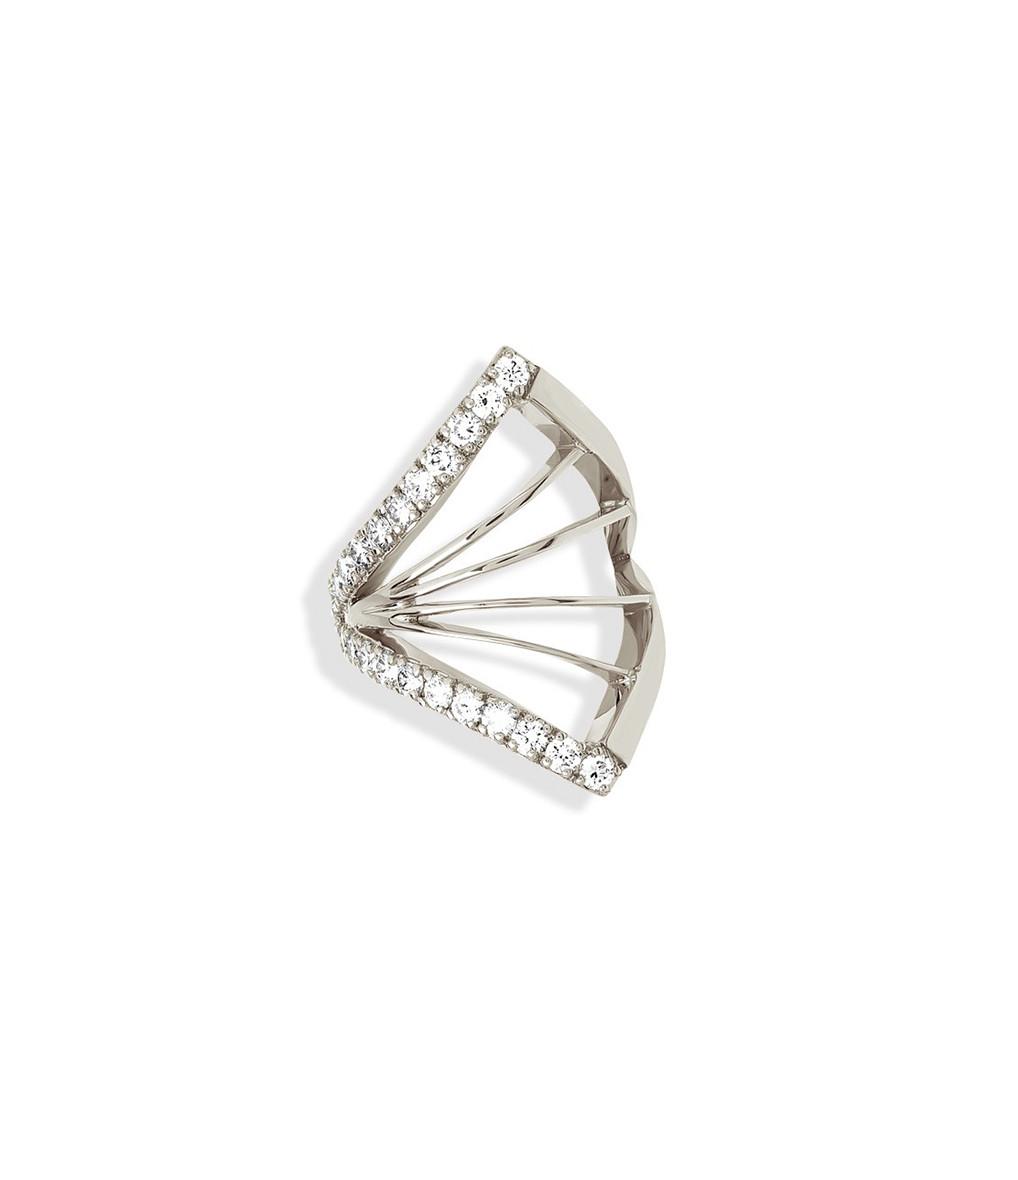 NAVA JOAILLERIE - Bijou d'oreille Cheyenne Losange Diamants Or Blanc